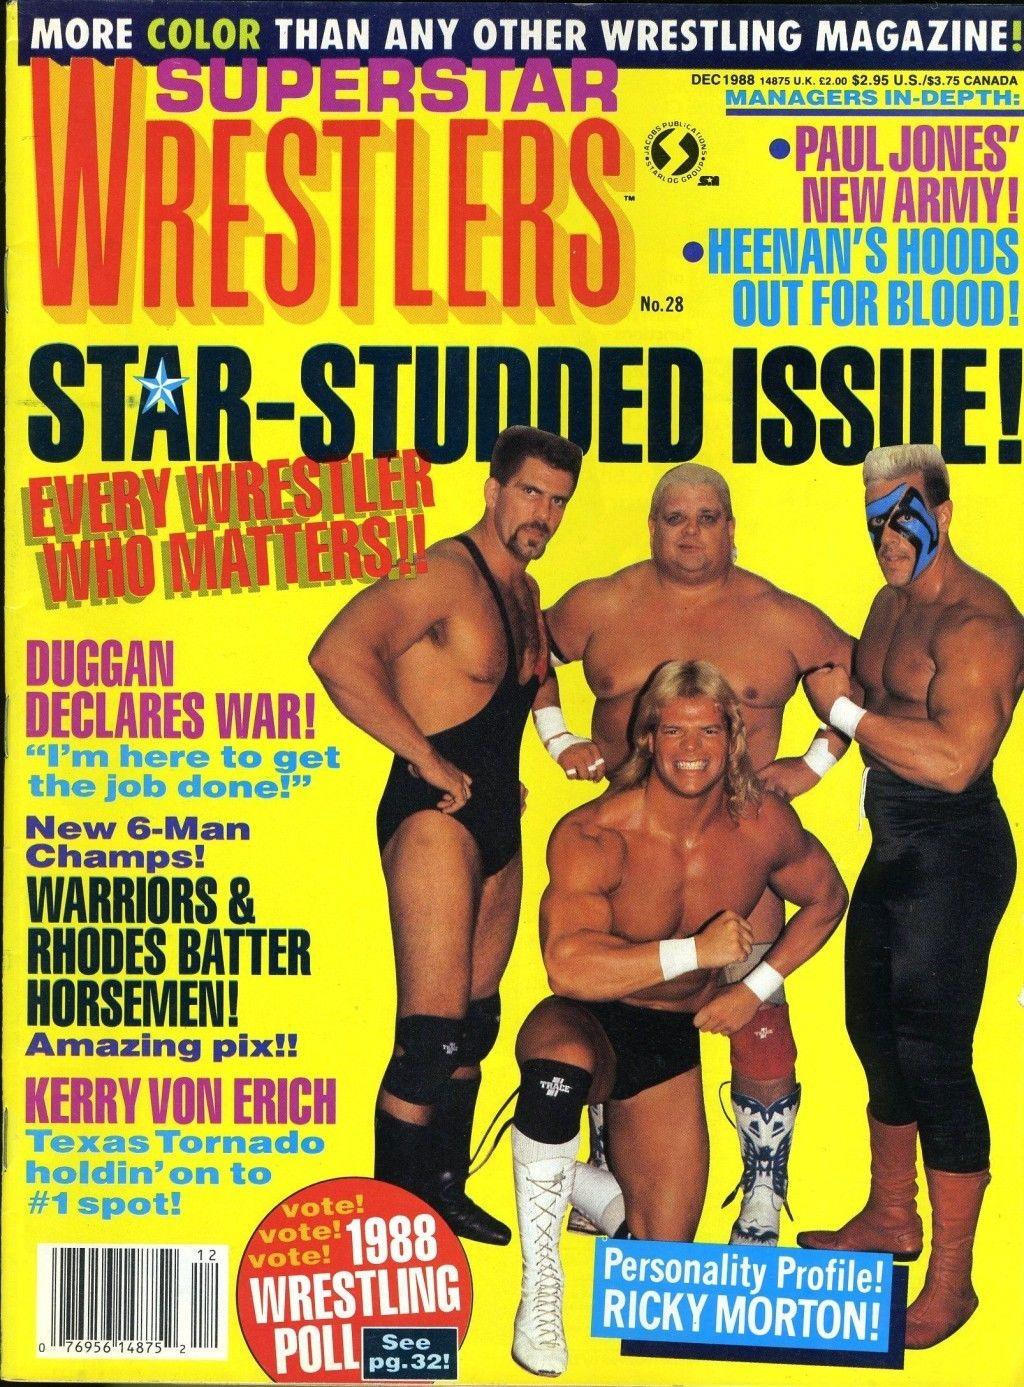 Superstar Wrestlers - December 1988